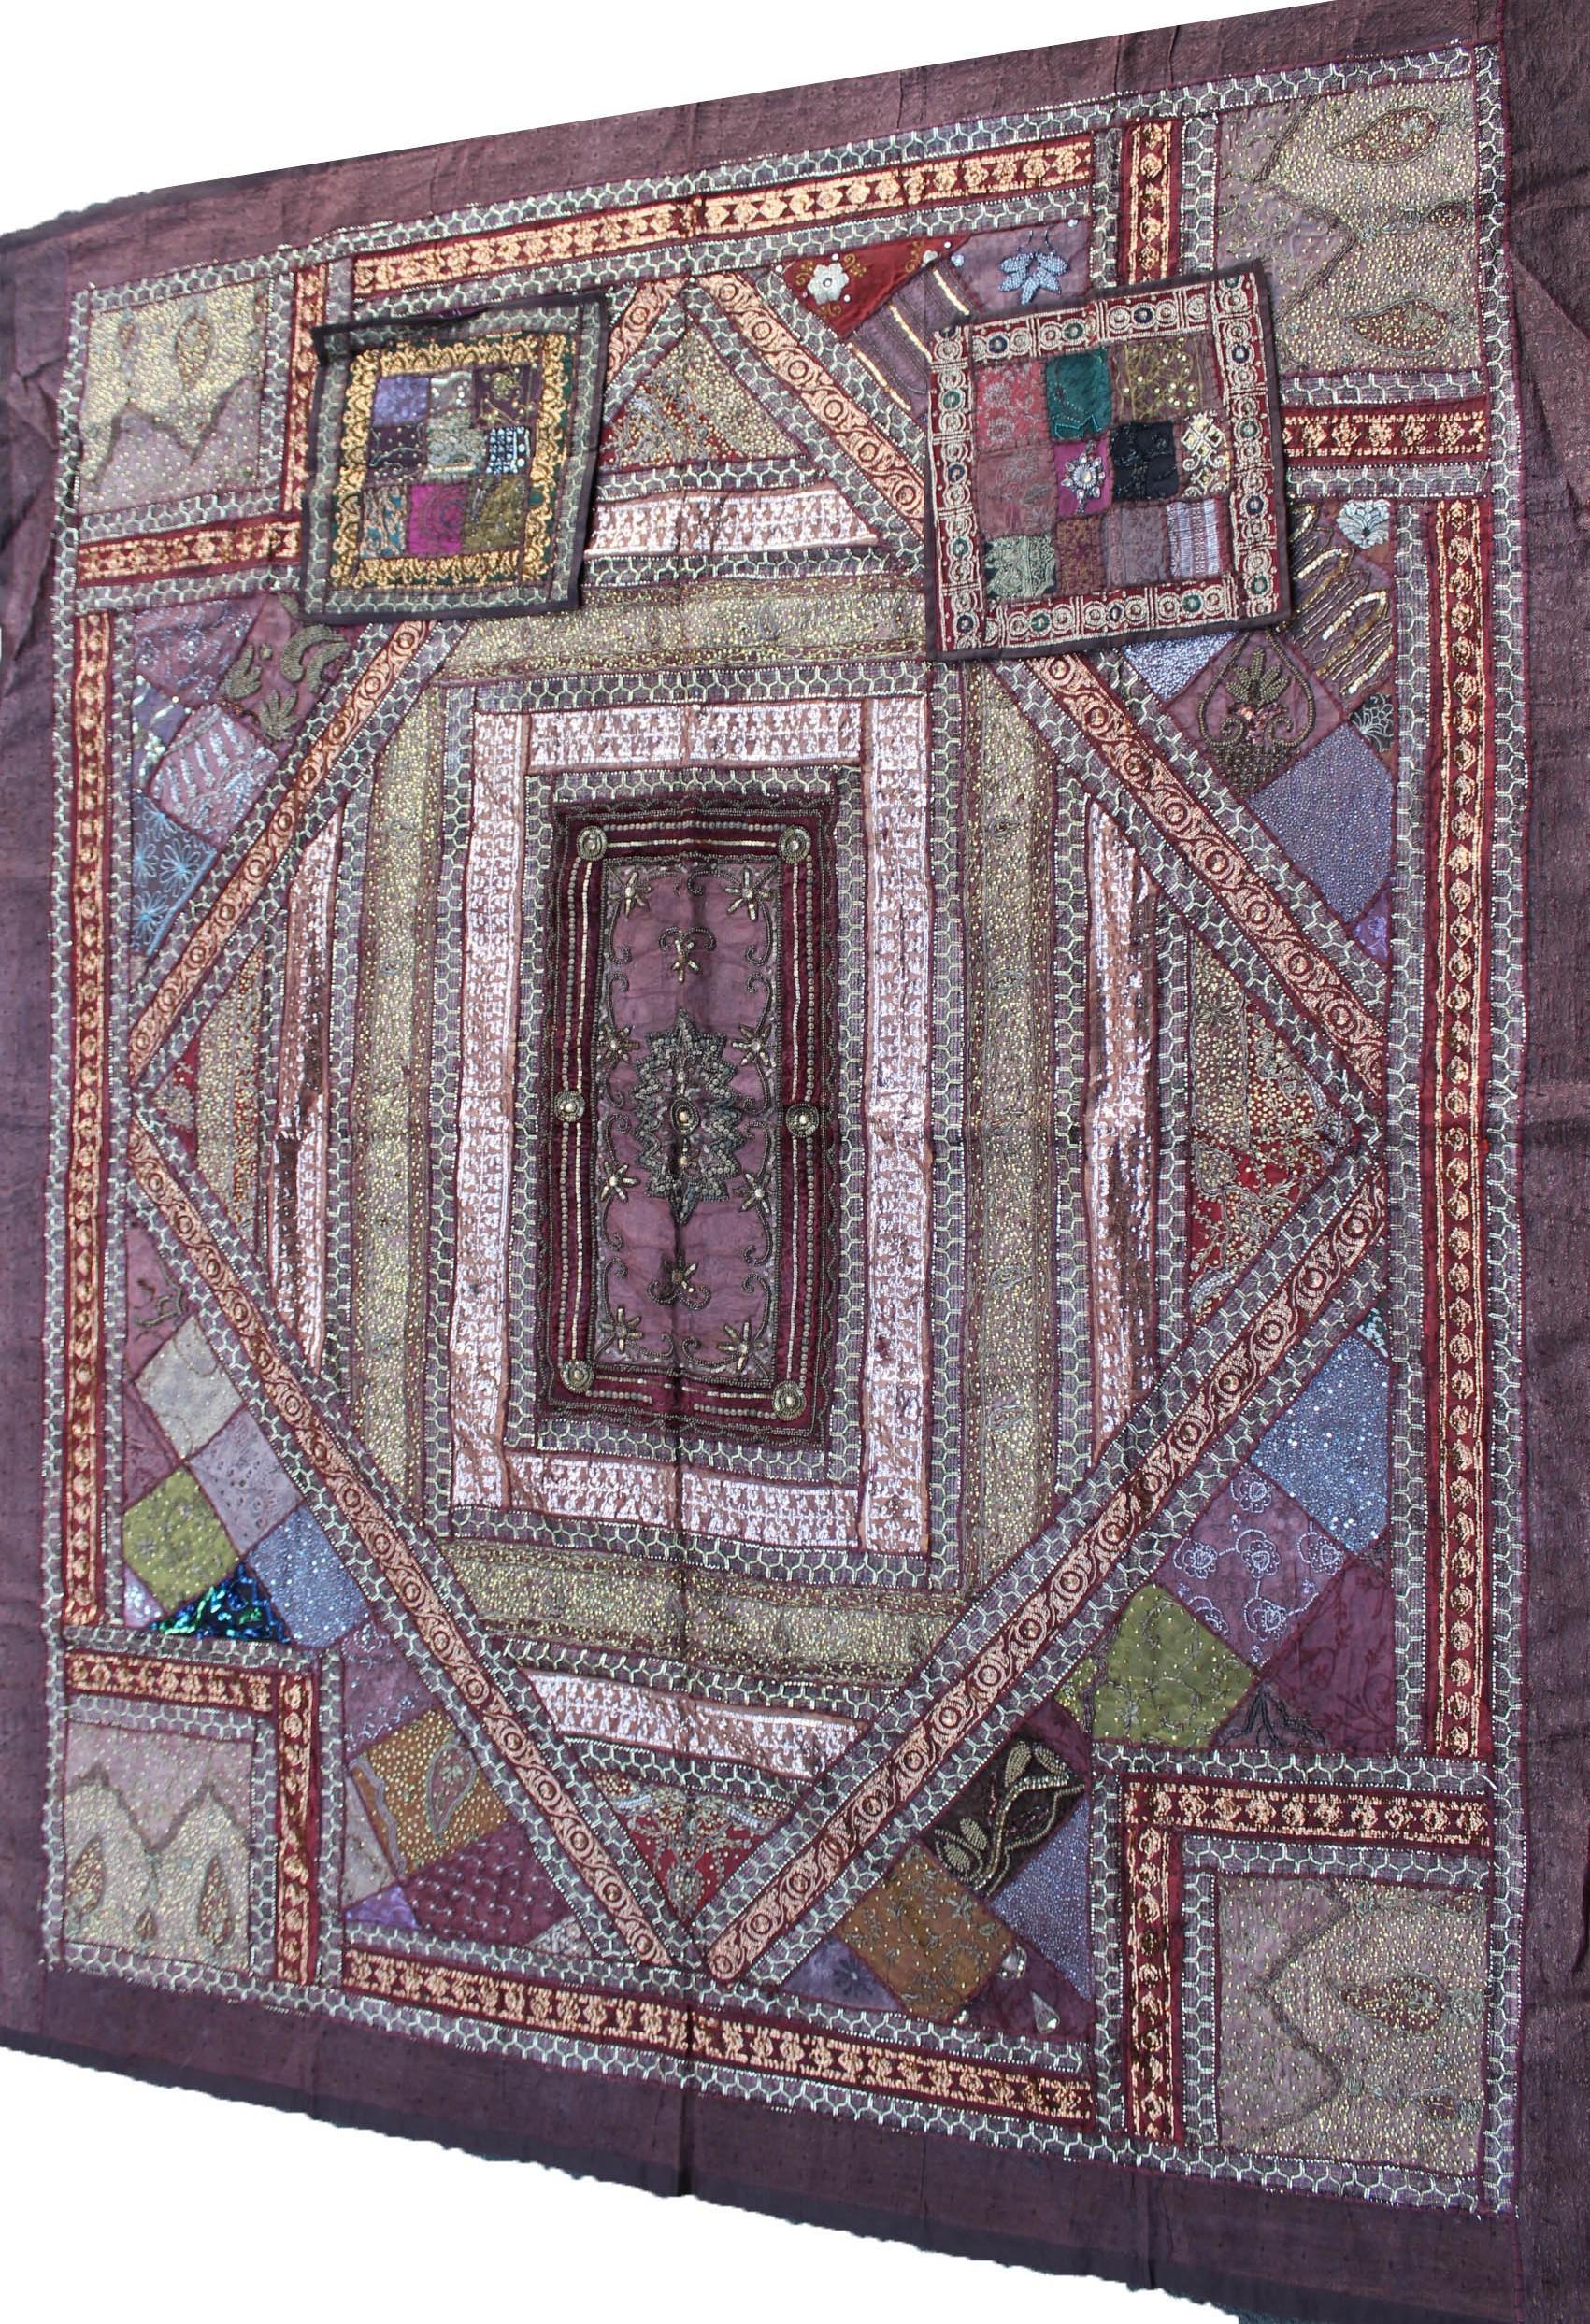 couvre lit patchwork indien Acheter un couvre lit   dessus de lit en patchwork   Ethnikka.fr couvre lit patchwork indien